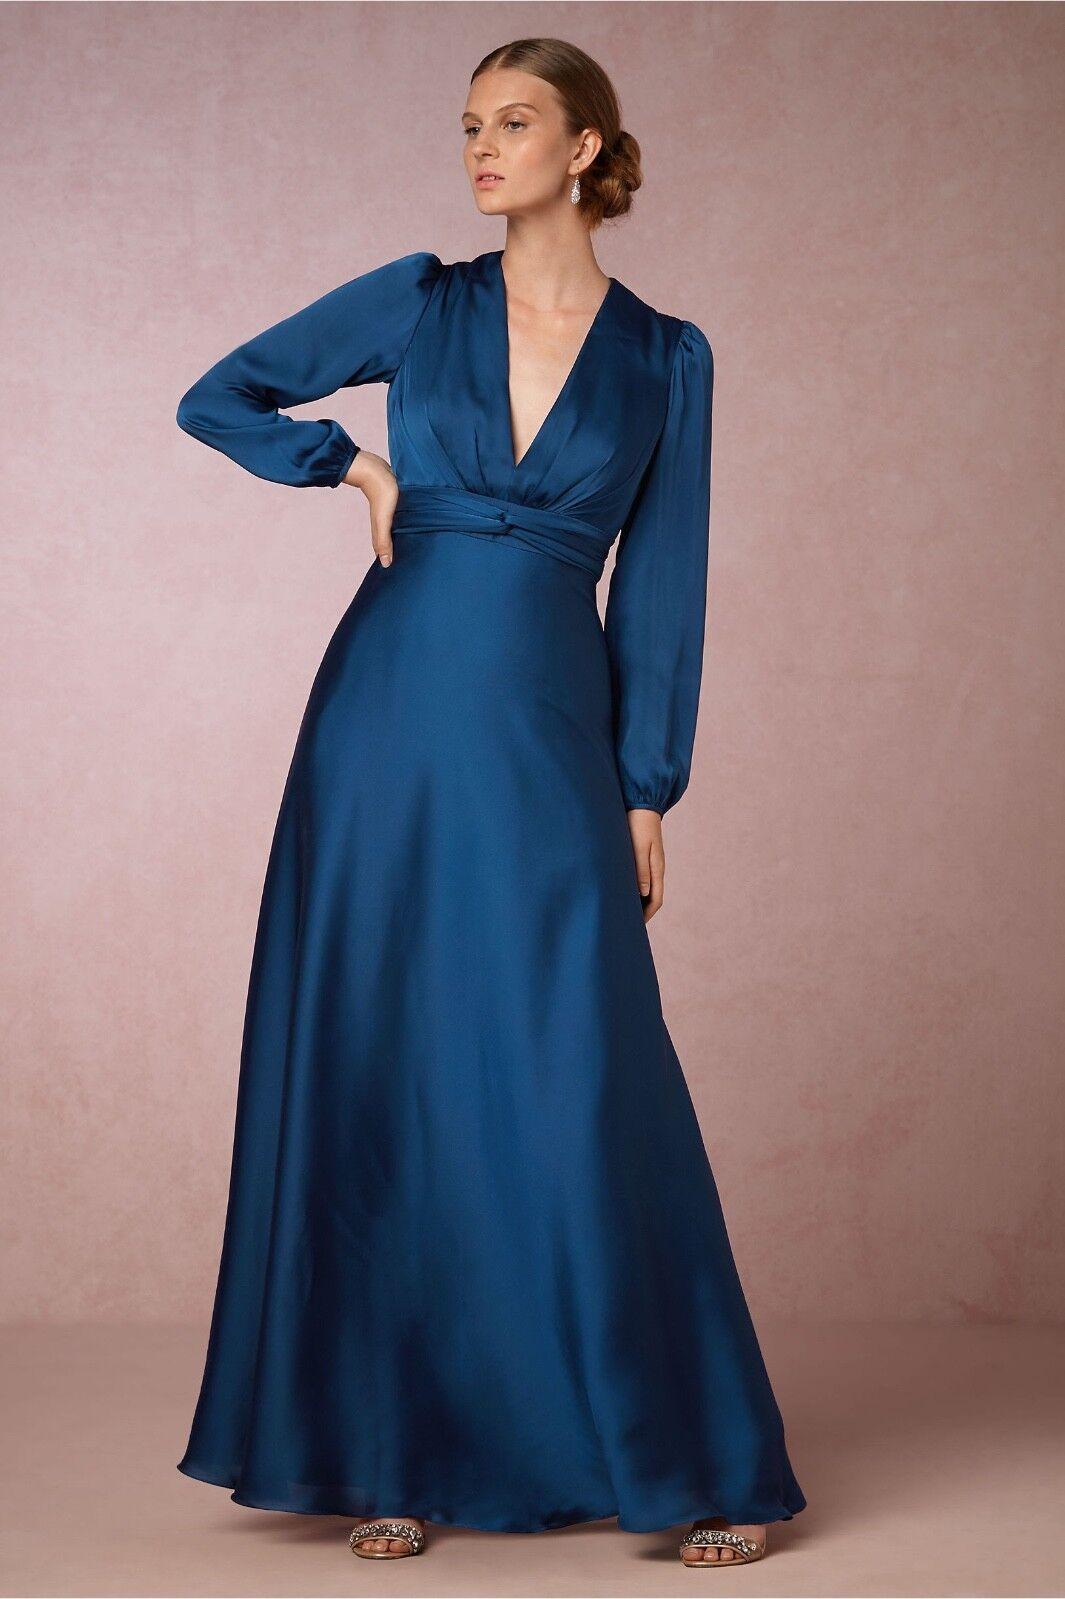 Nuovo Nuovo Nuovo Donna Morgan Bhldn Henrietta Manica Lunga Abito di Raso Fascia Sz 4 Blu f70f80